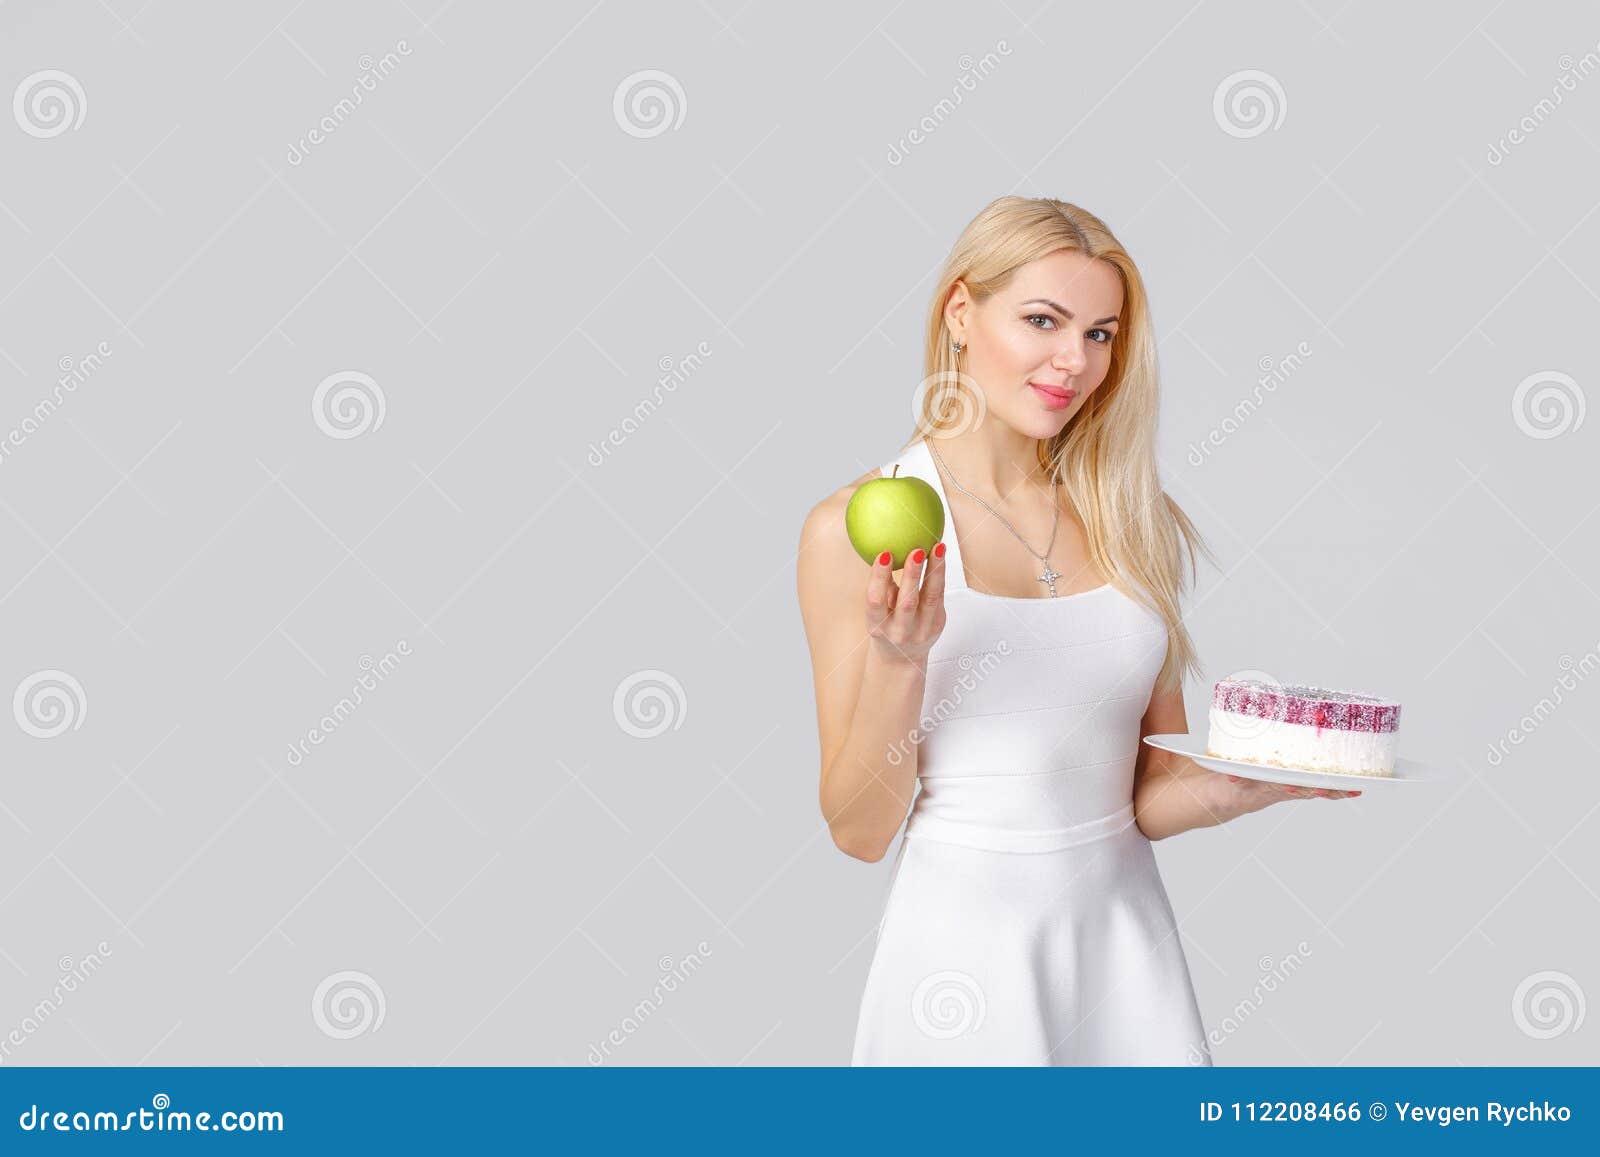 Frau wählt zwischen Kuchen und Apfel